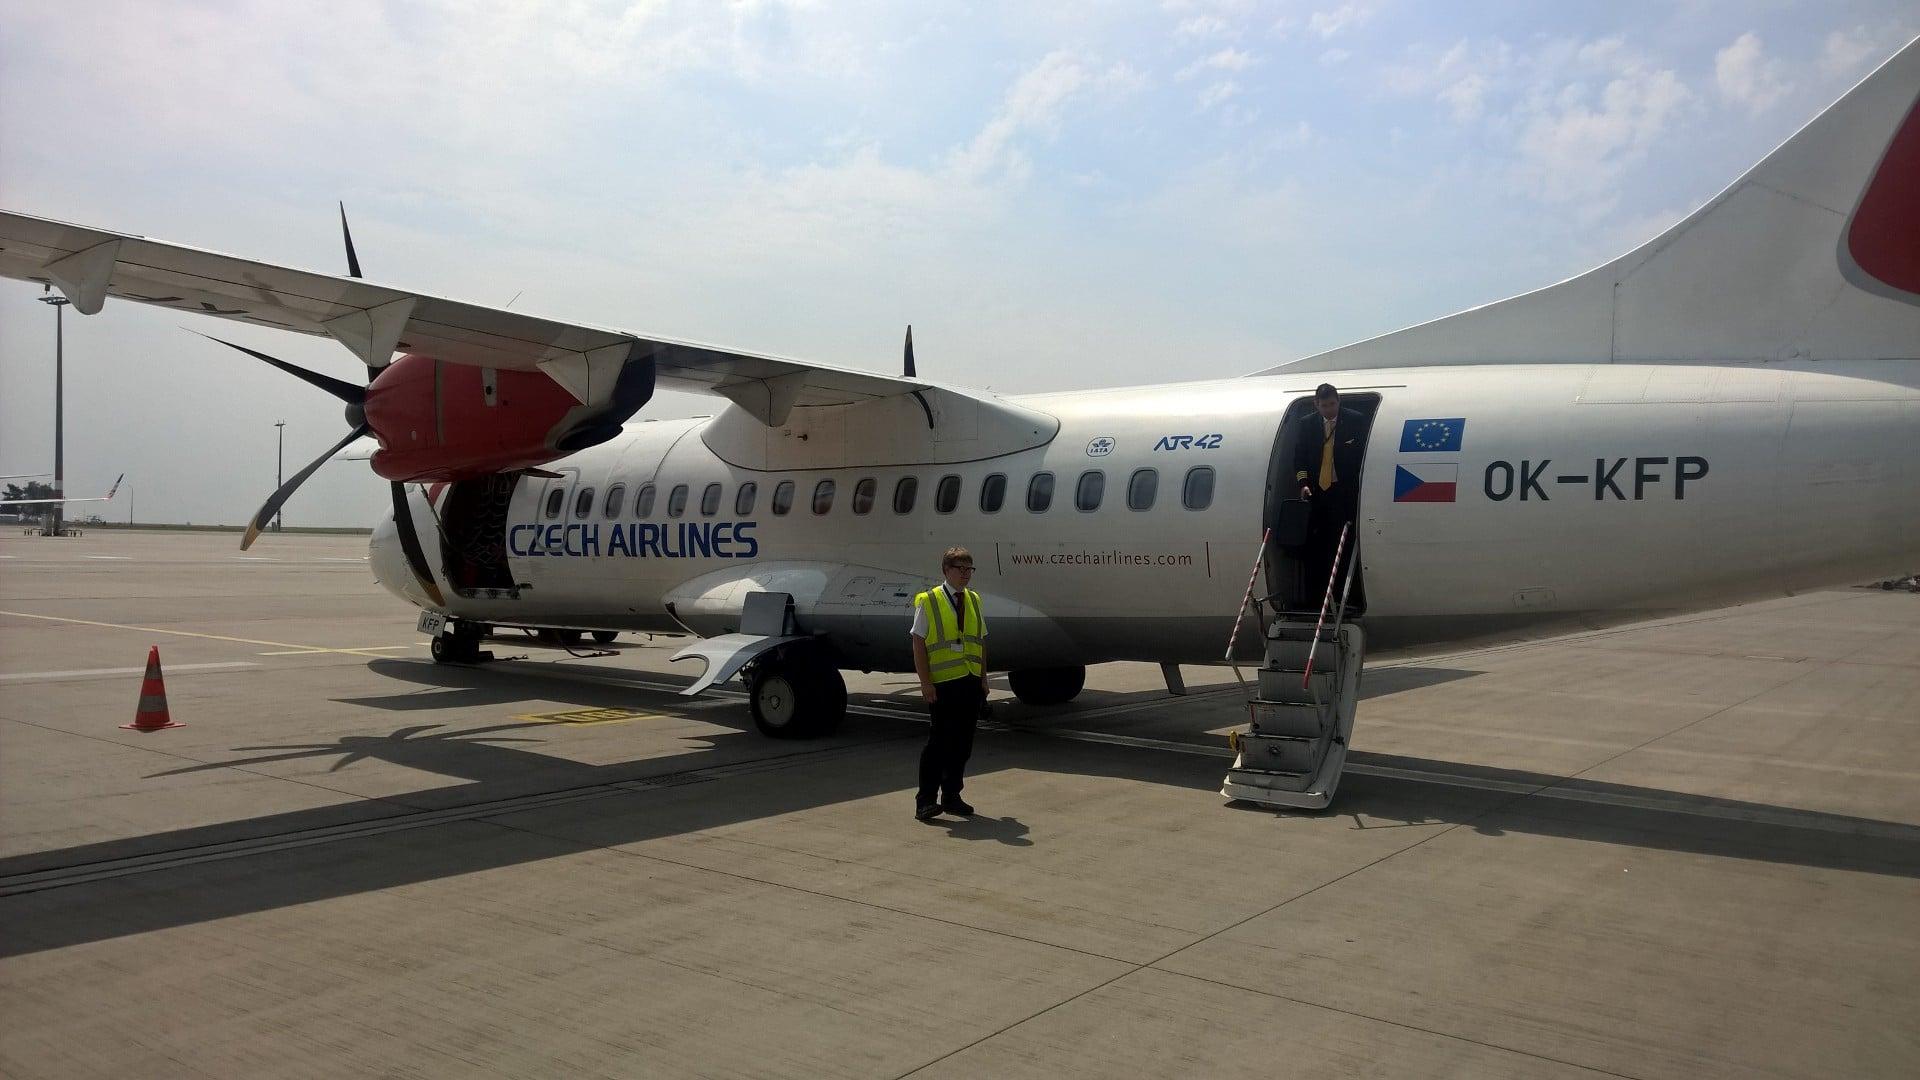 Czech Airlines ATR 42